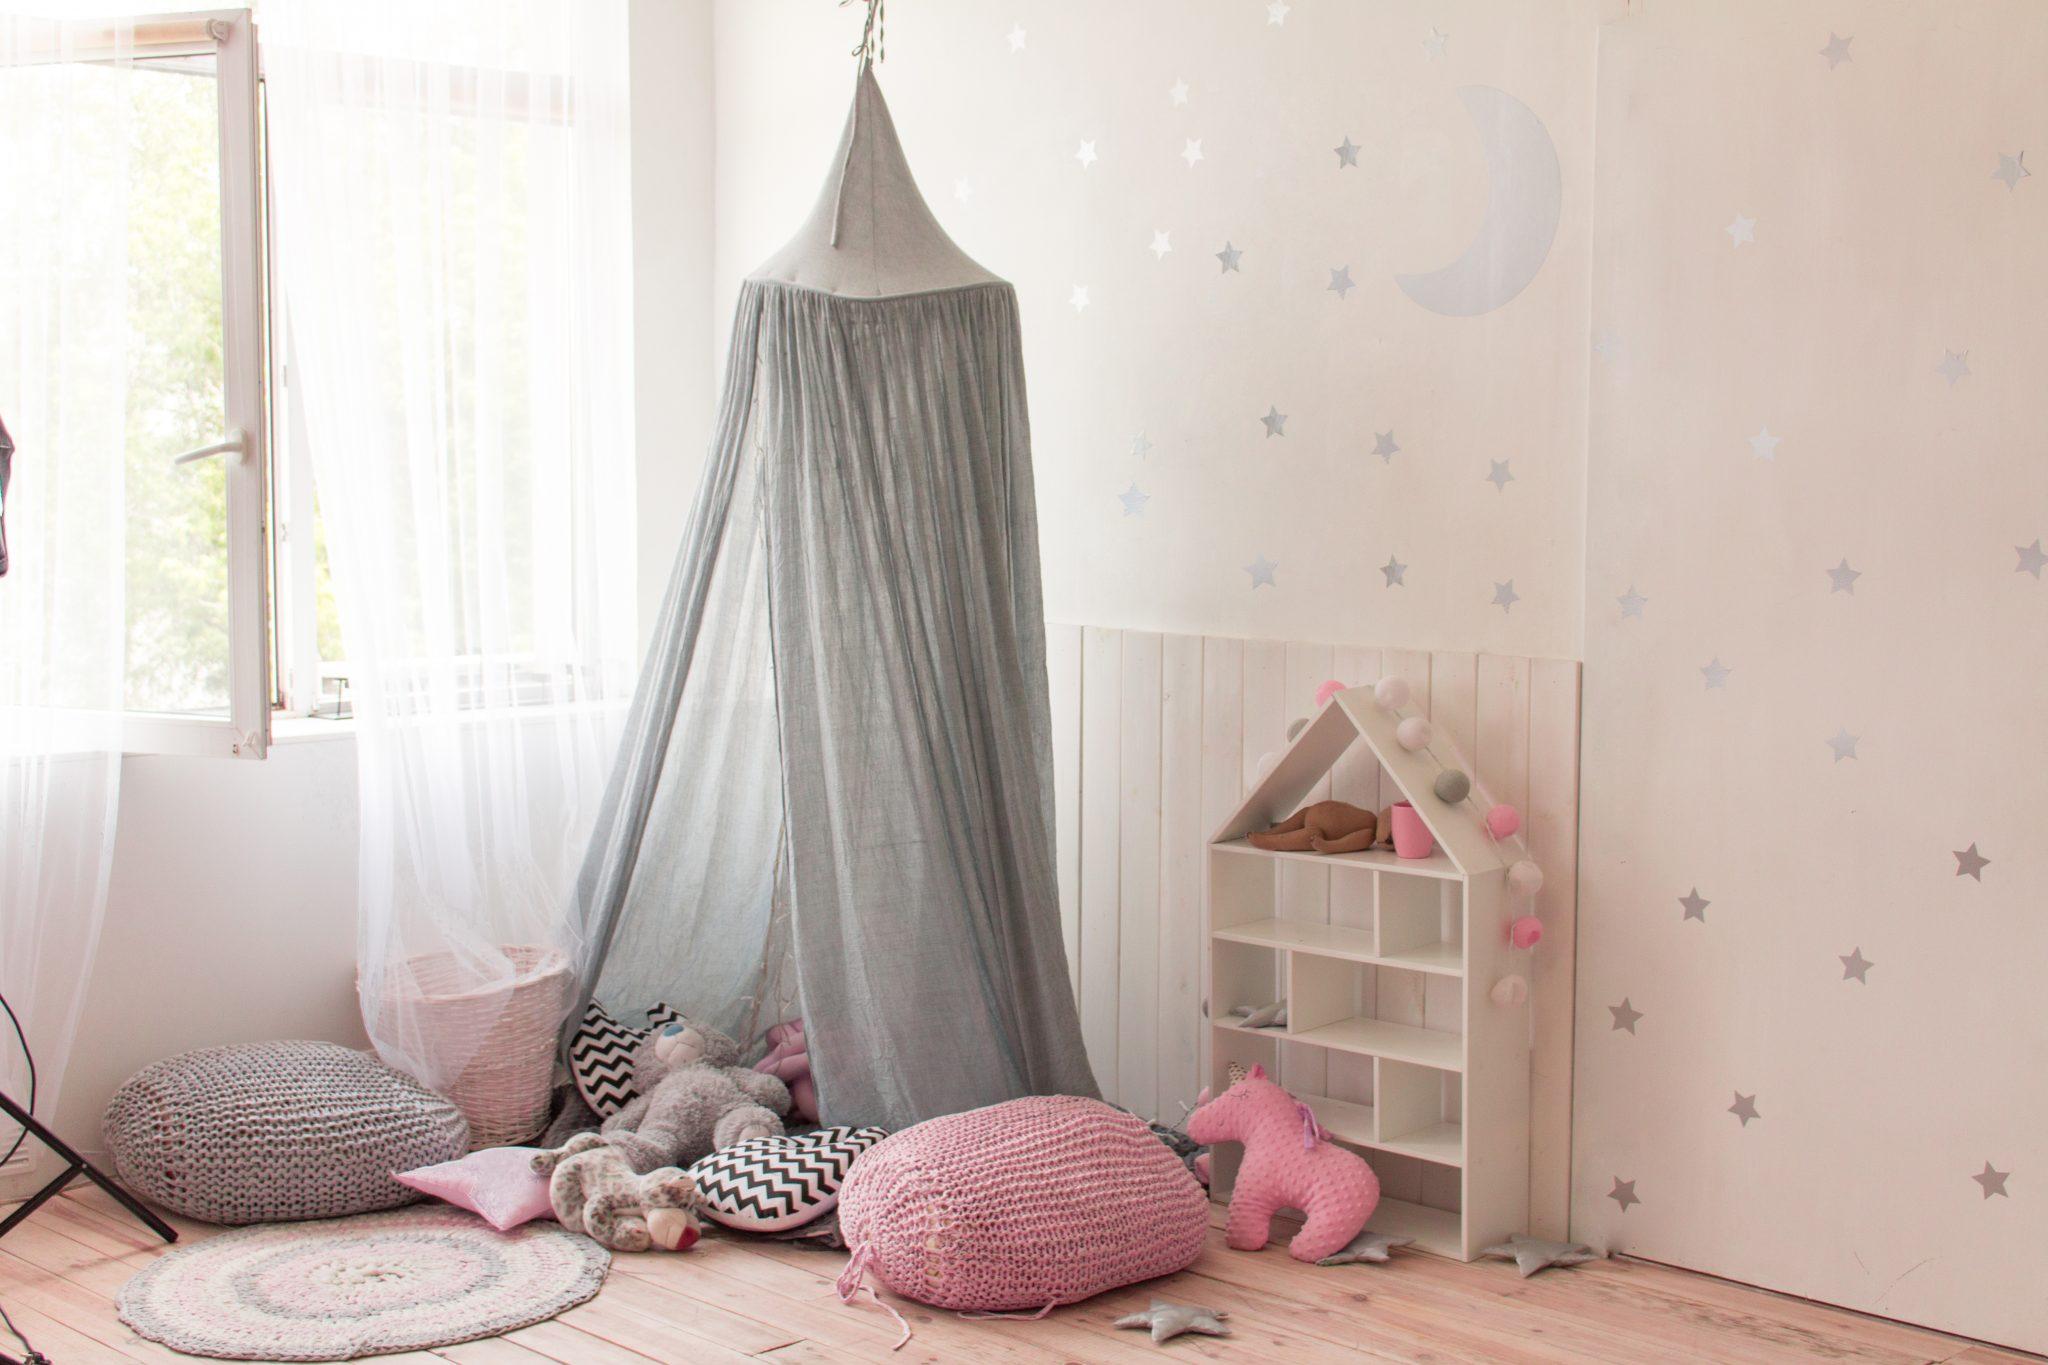 Farben fürs Kinderzimmer - so wird die Kinderwelt bunt